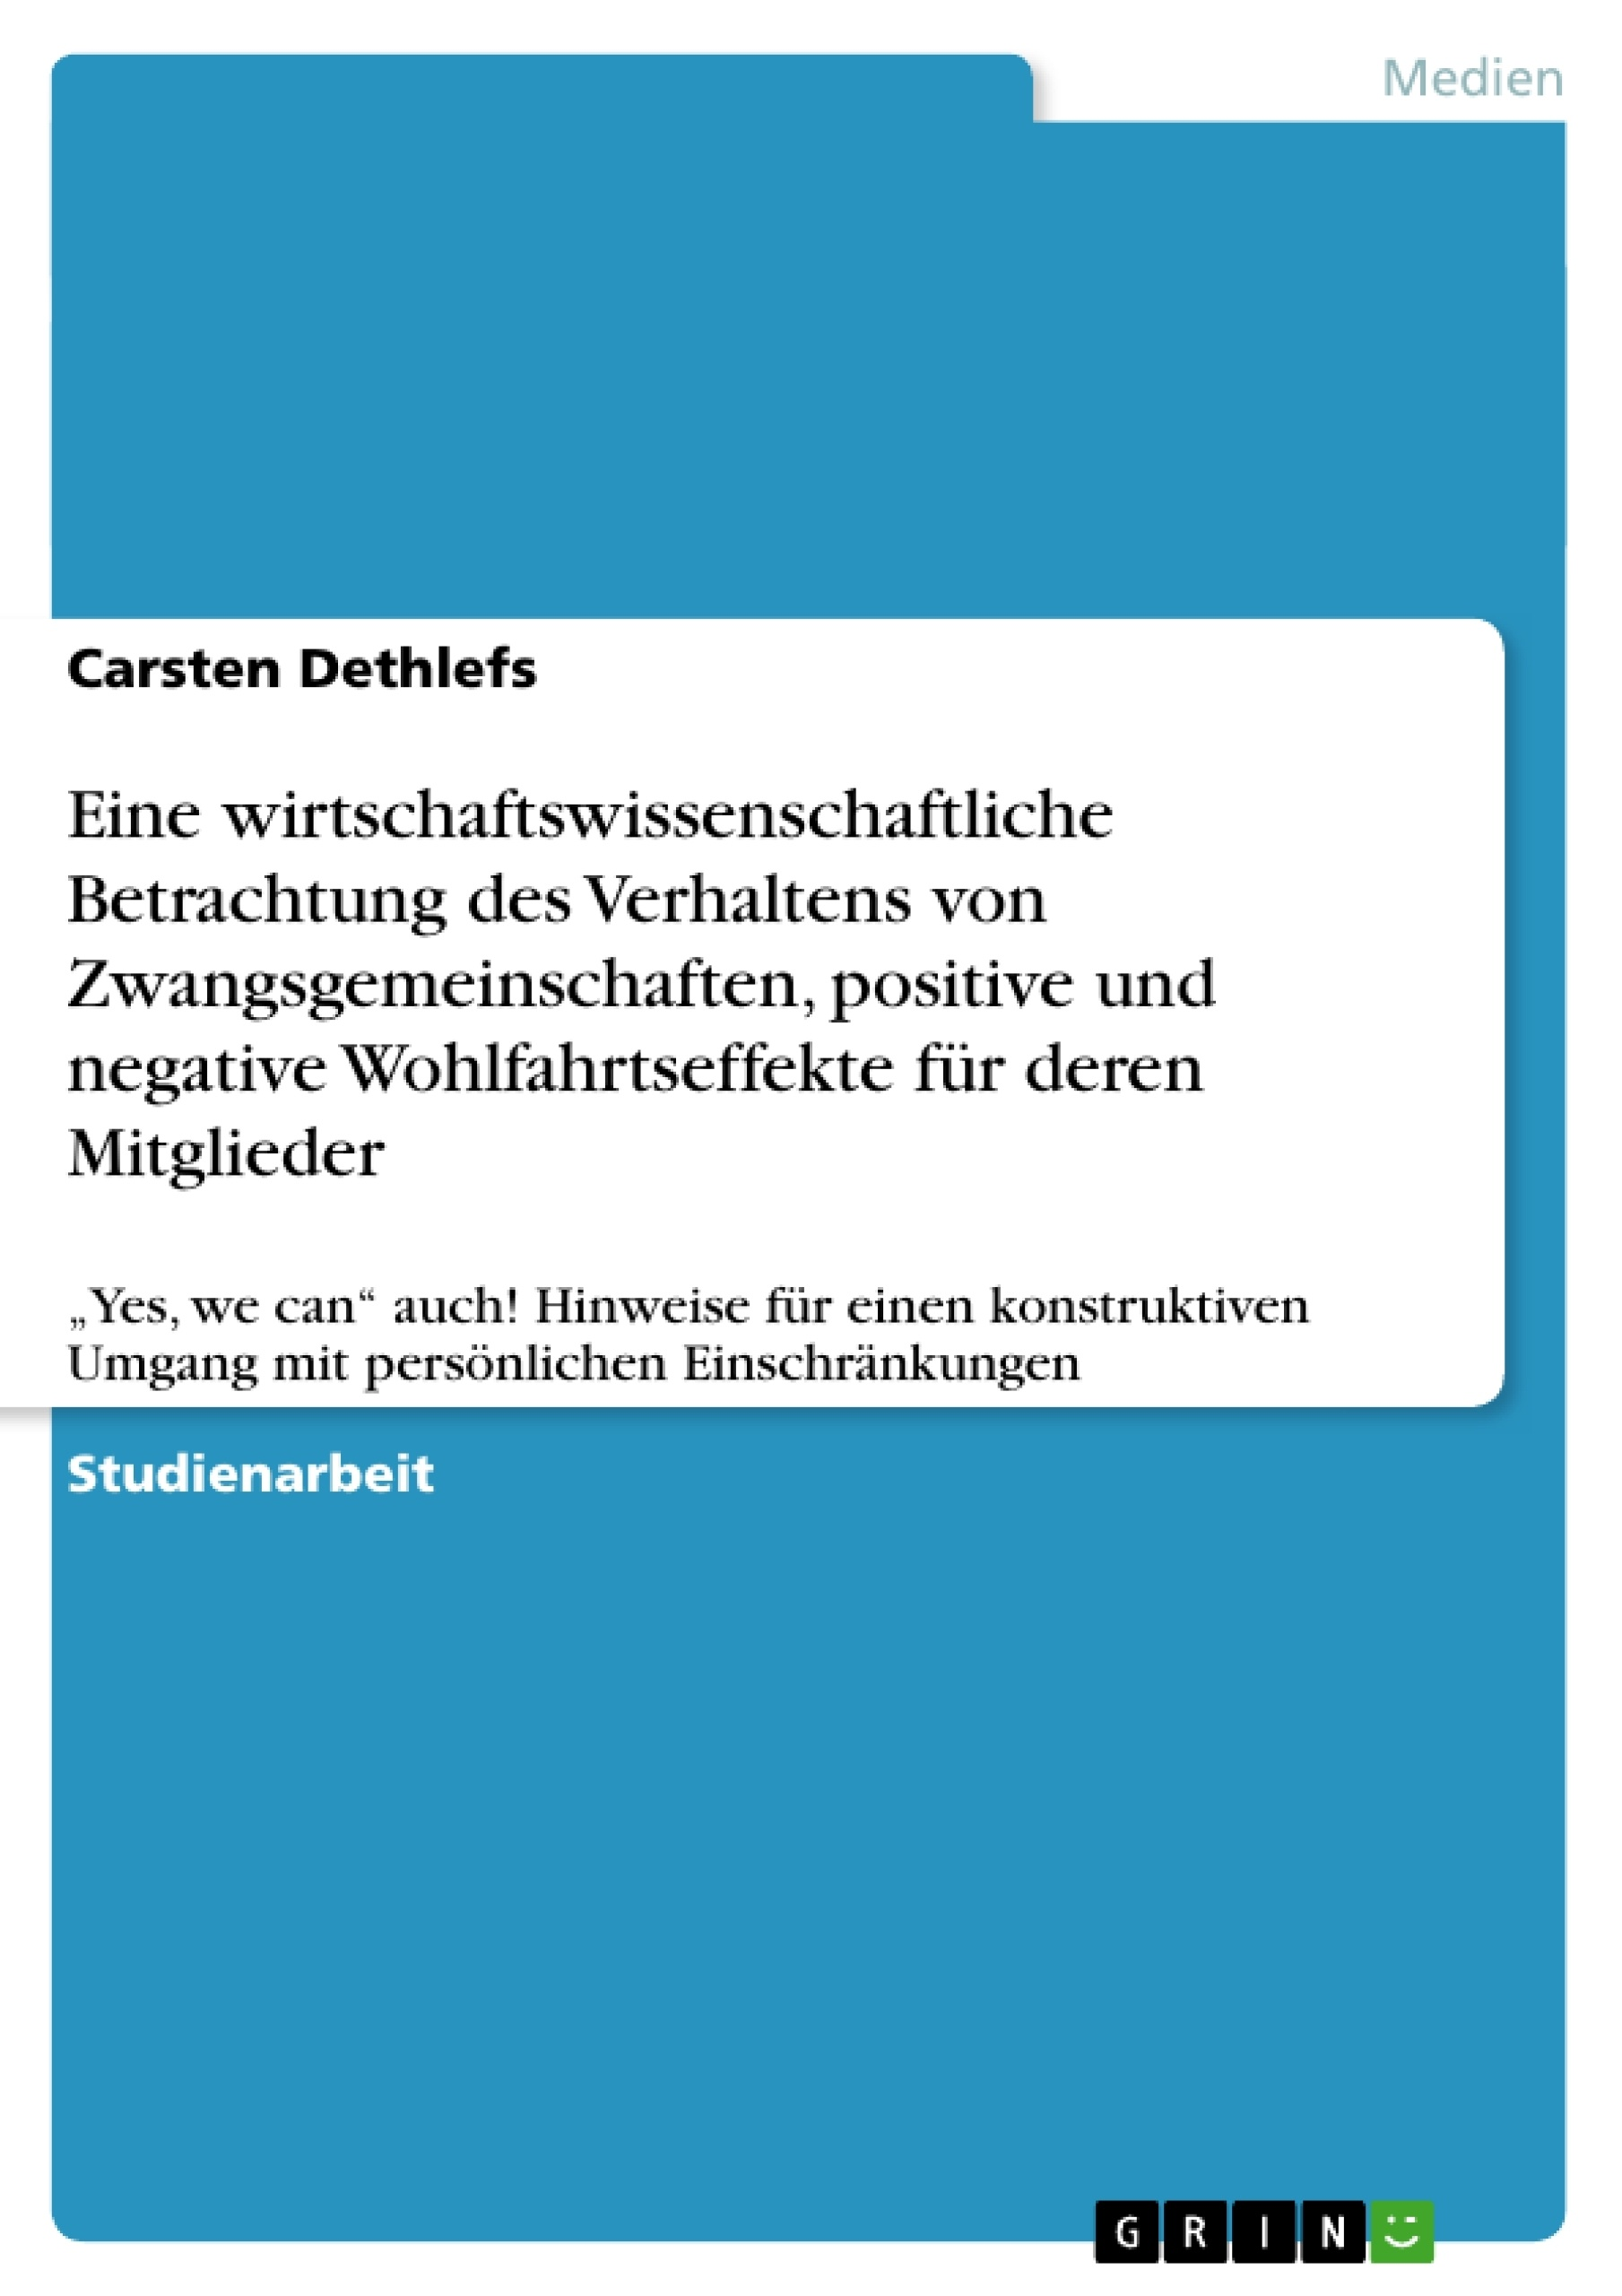 Titel: Eine wirtschaftswissenschaftliche Betrachtung des Verhaltens von Zwangsgemeinschaften, positive und negative Wohlfahrtseffekte für deren Mitglieder